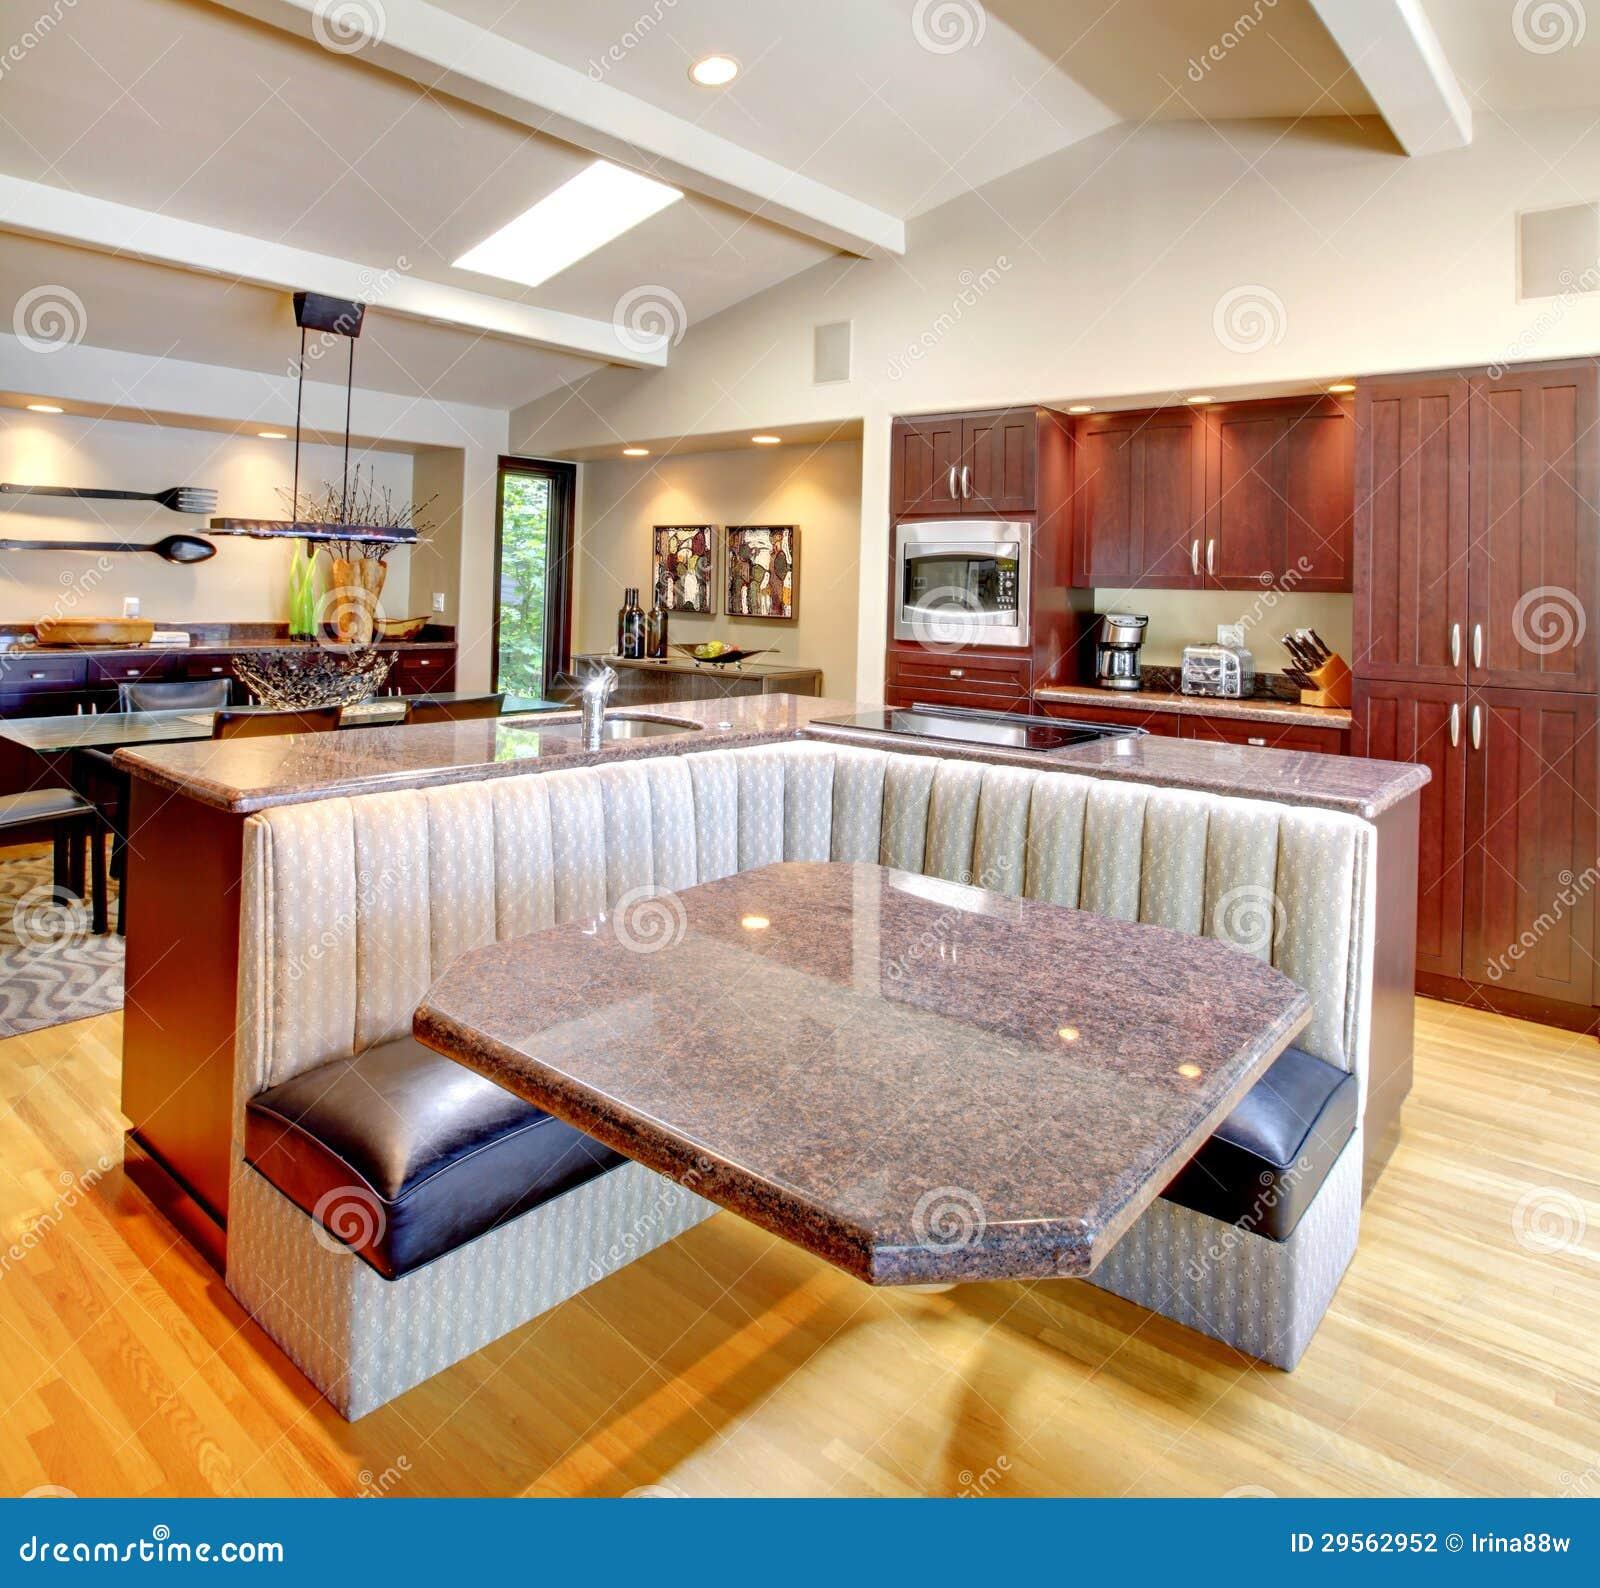 Cocina De Caoba De Lujo Con Muebles Modernos. Foto de archivo ...